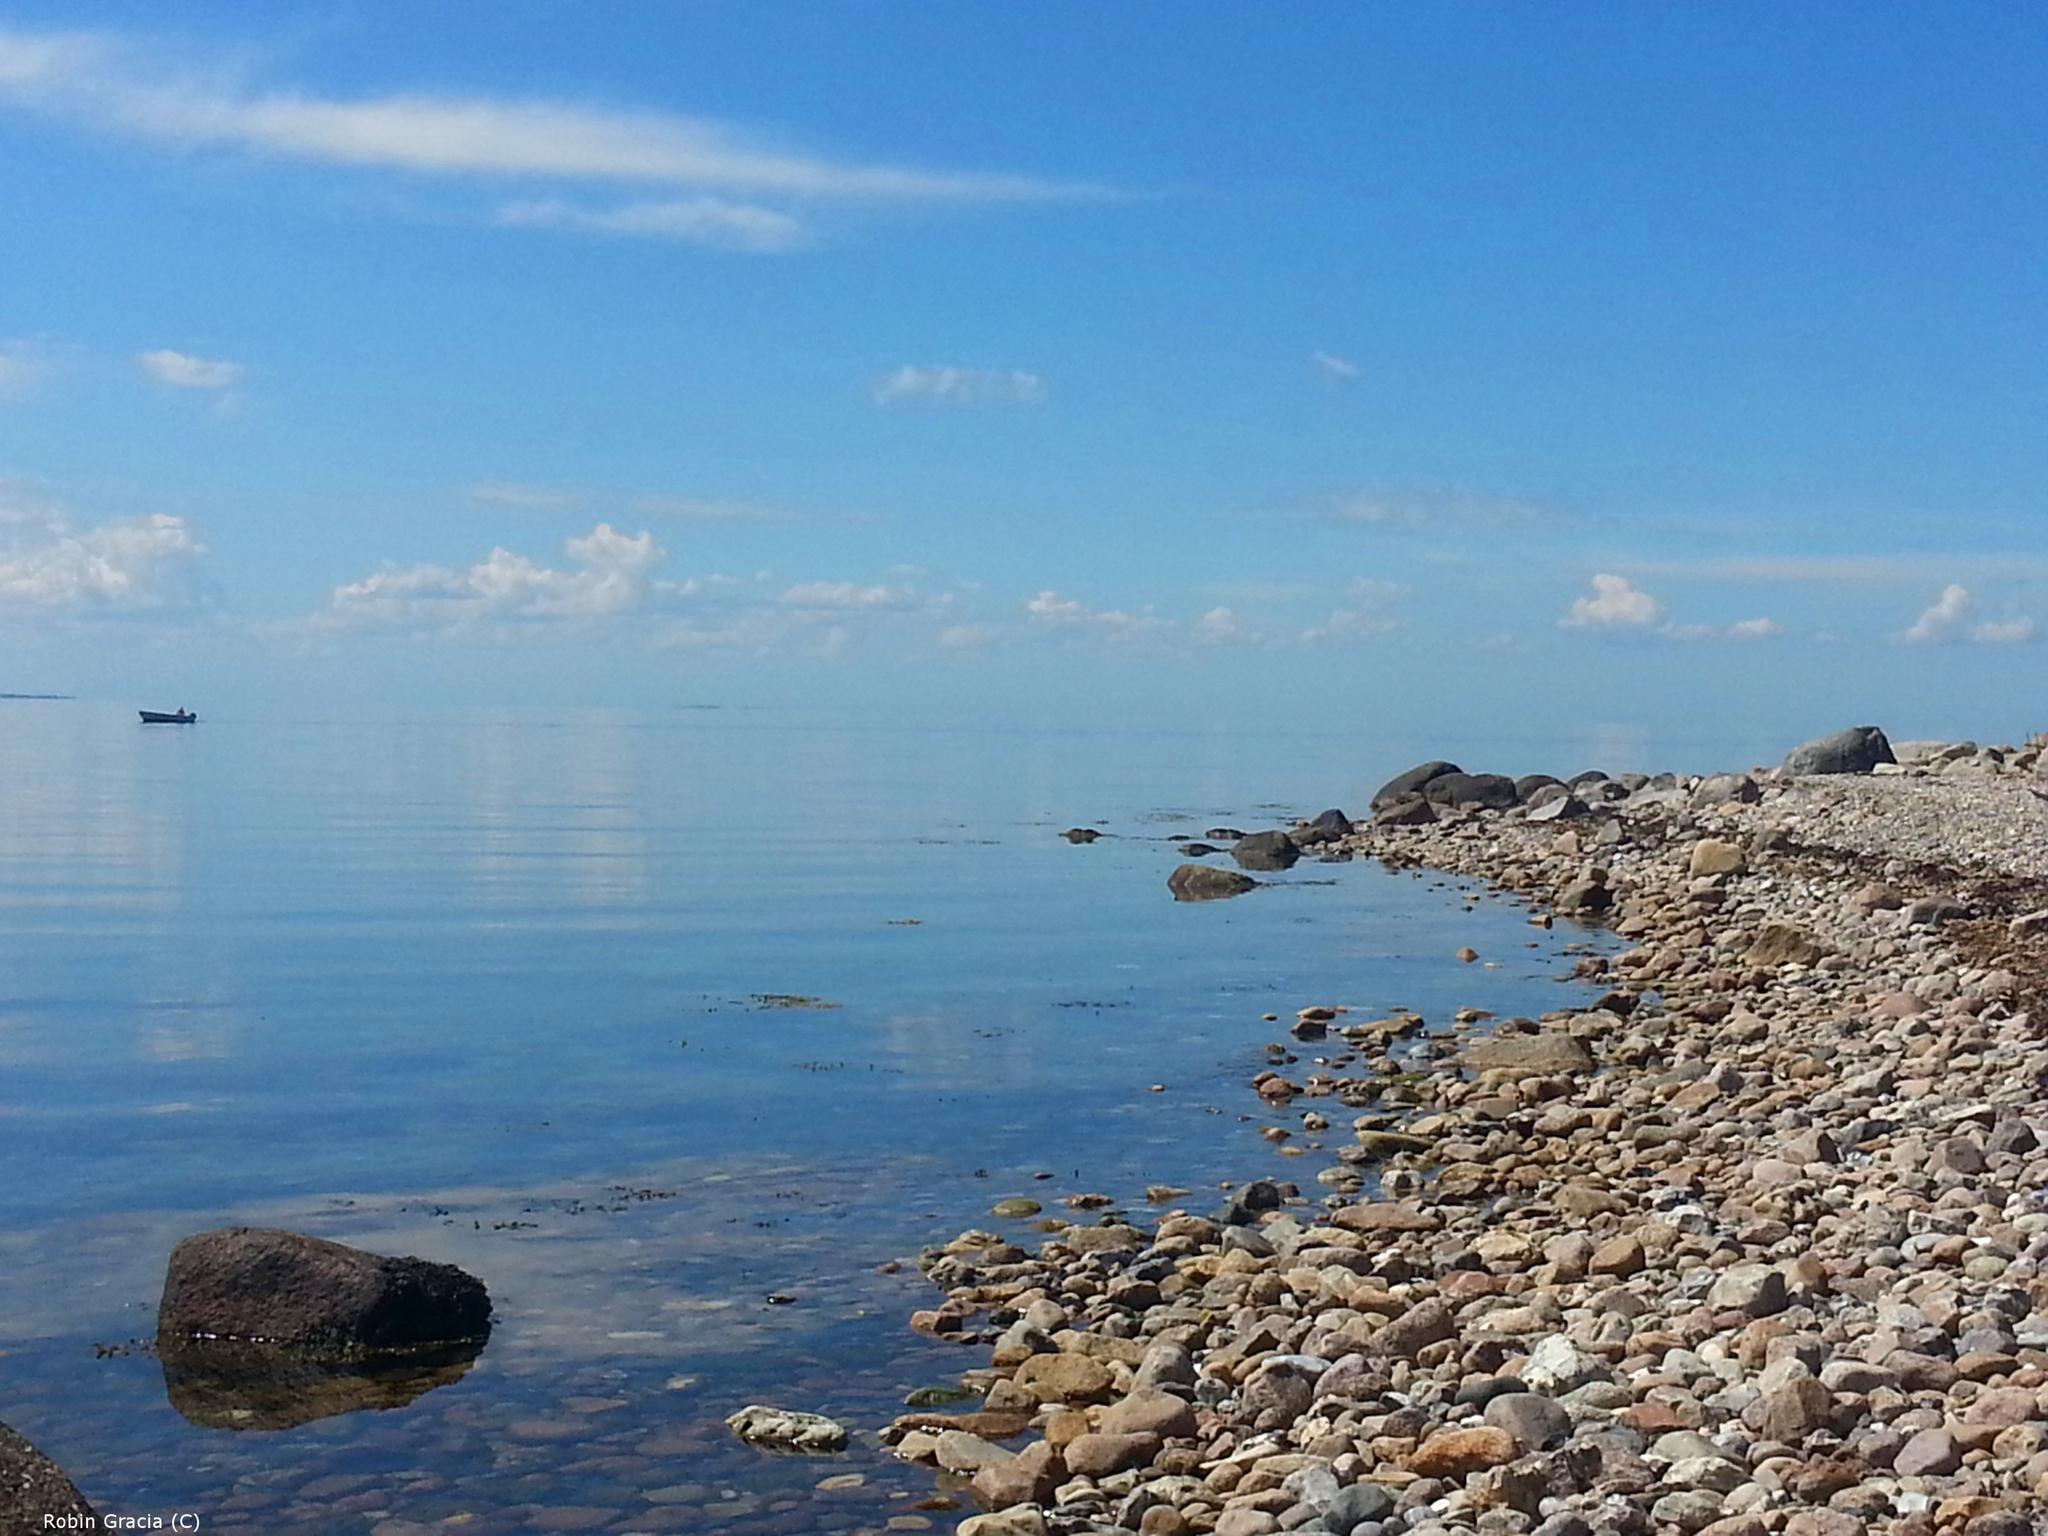 Denmarks Coast by Robin Gracia